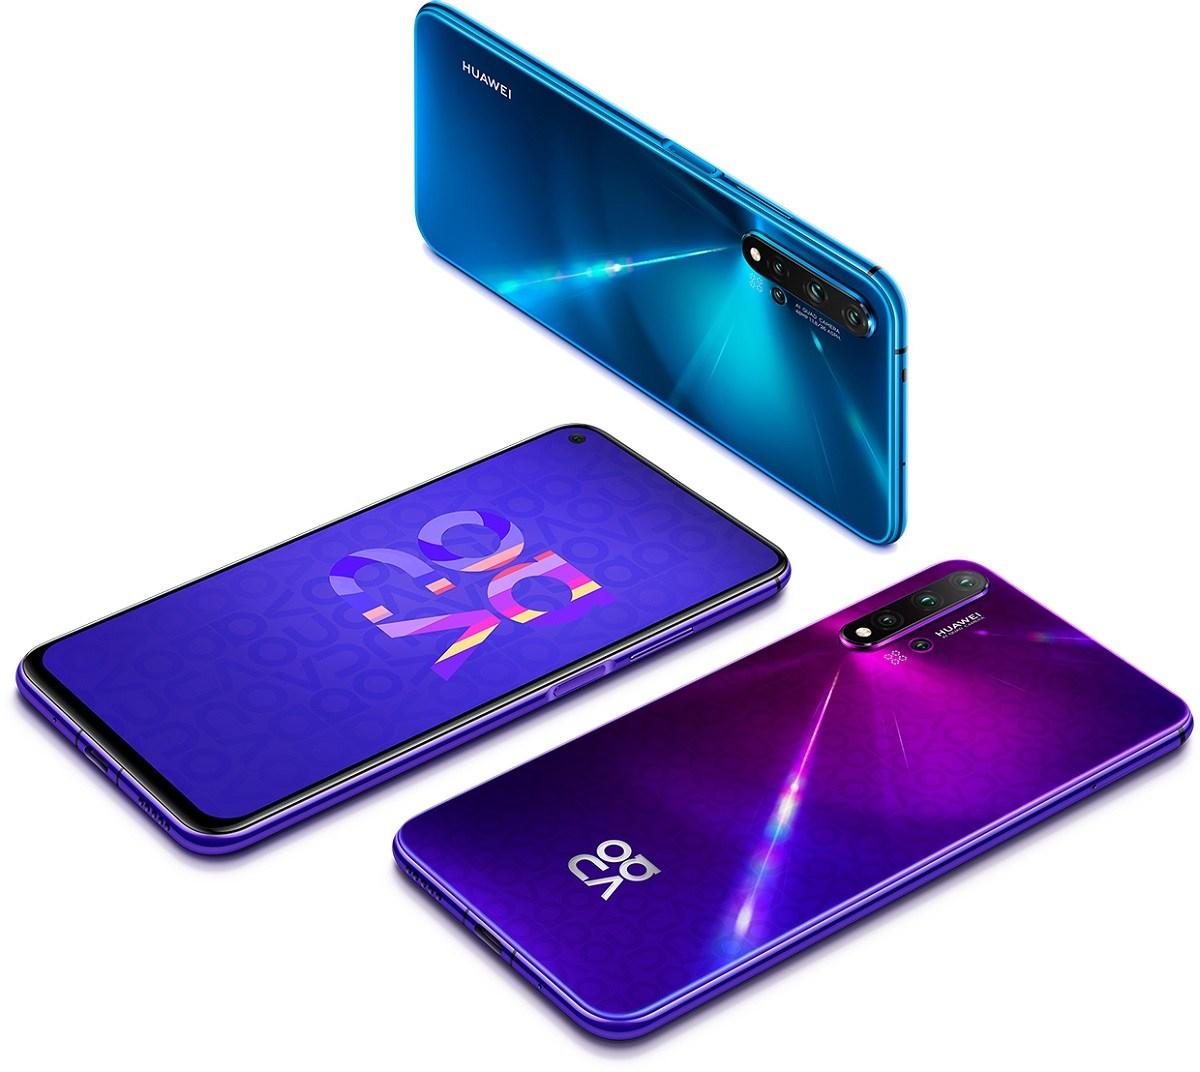 Huawei Nova 5T Обзор на русском: процессор, игры, камеры